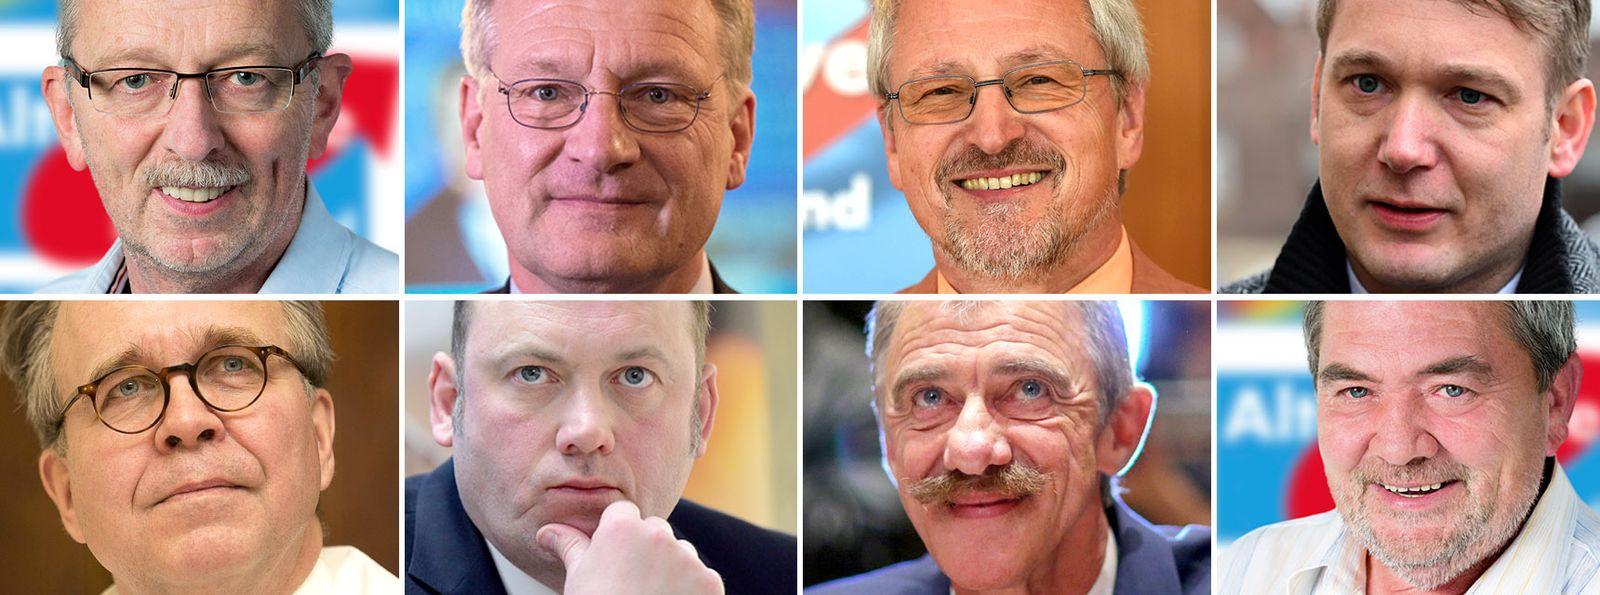 EINMALIGE VERWENDUNG Michael Frisch / Joerg Meuthen / Bernd Grimmer / Heinrich Fiechtner / Joachim Paul / Uwe Junge / Heribert Friedmann